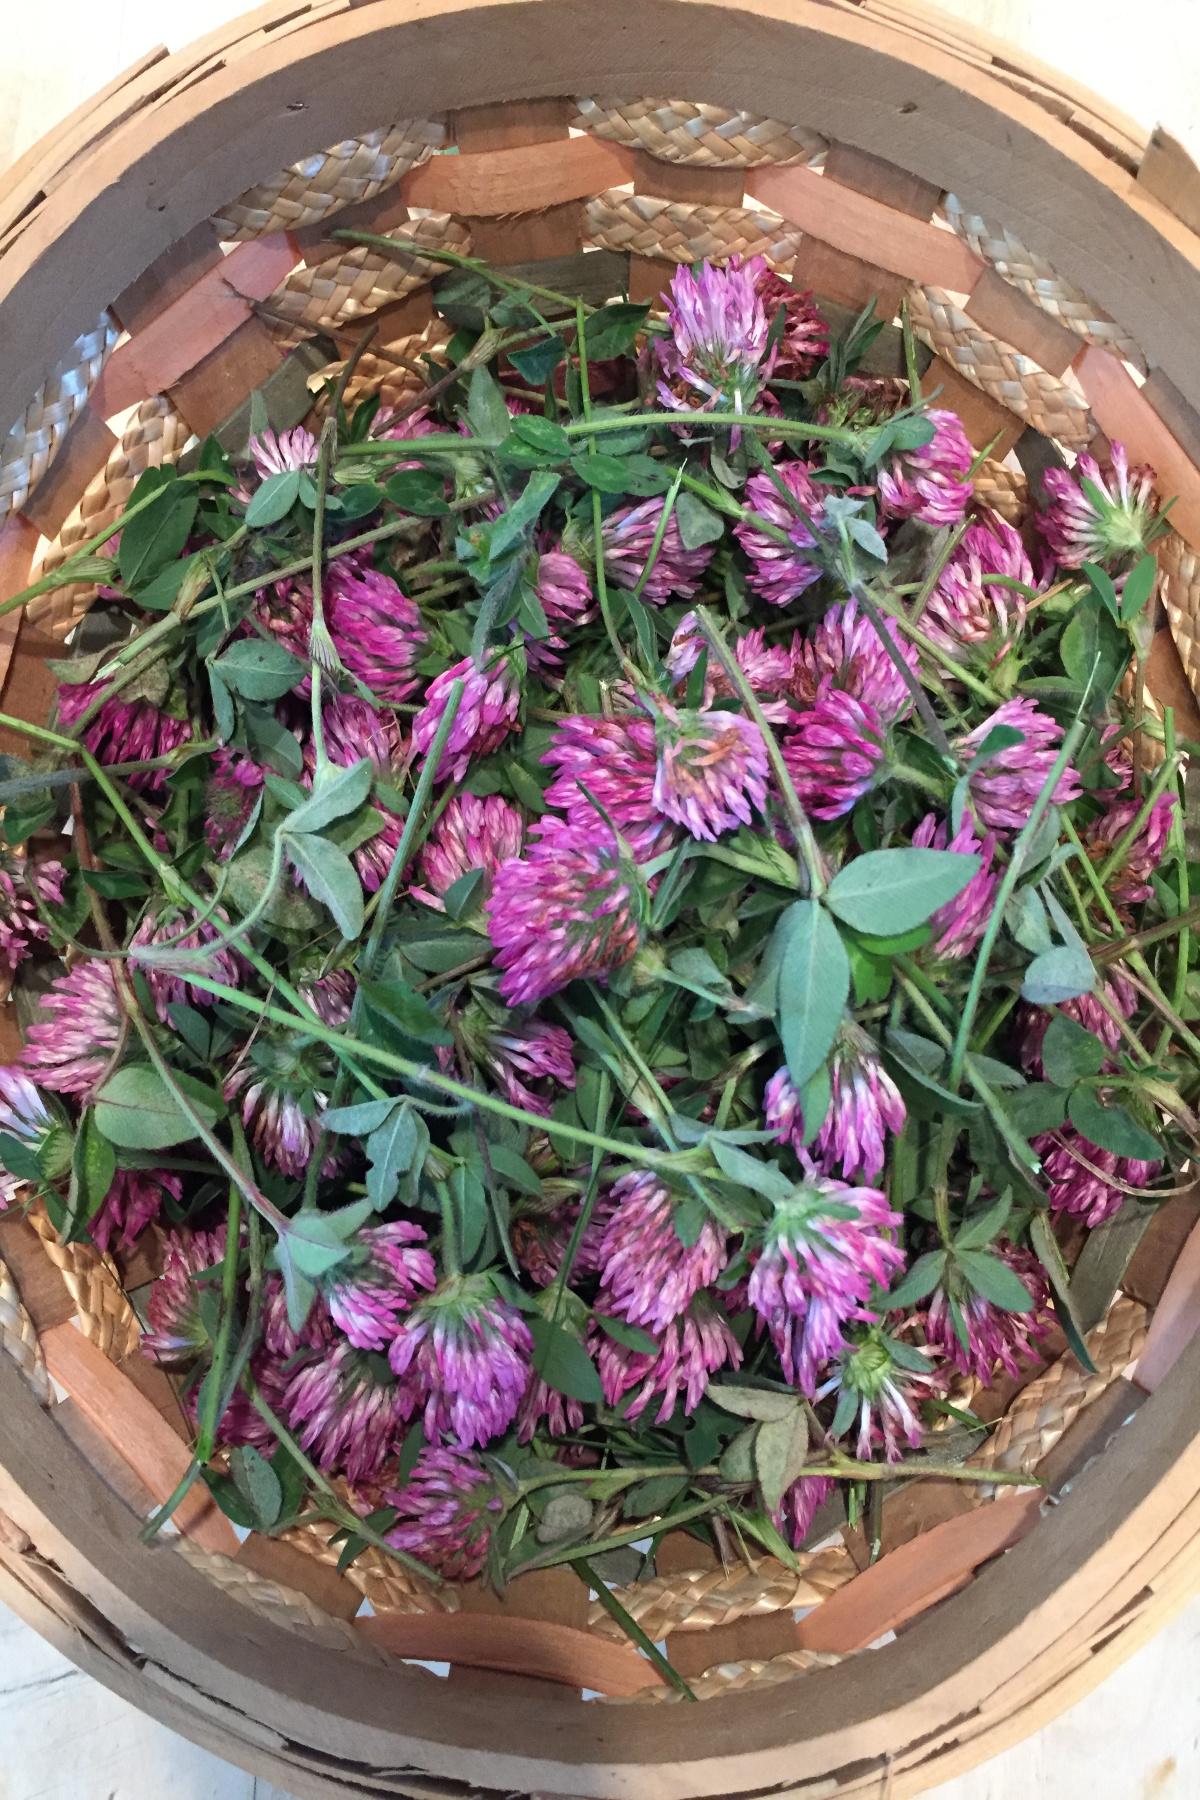 basket of red clover